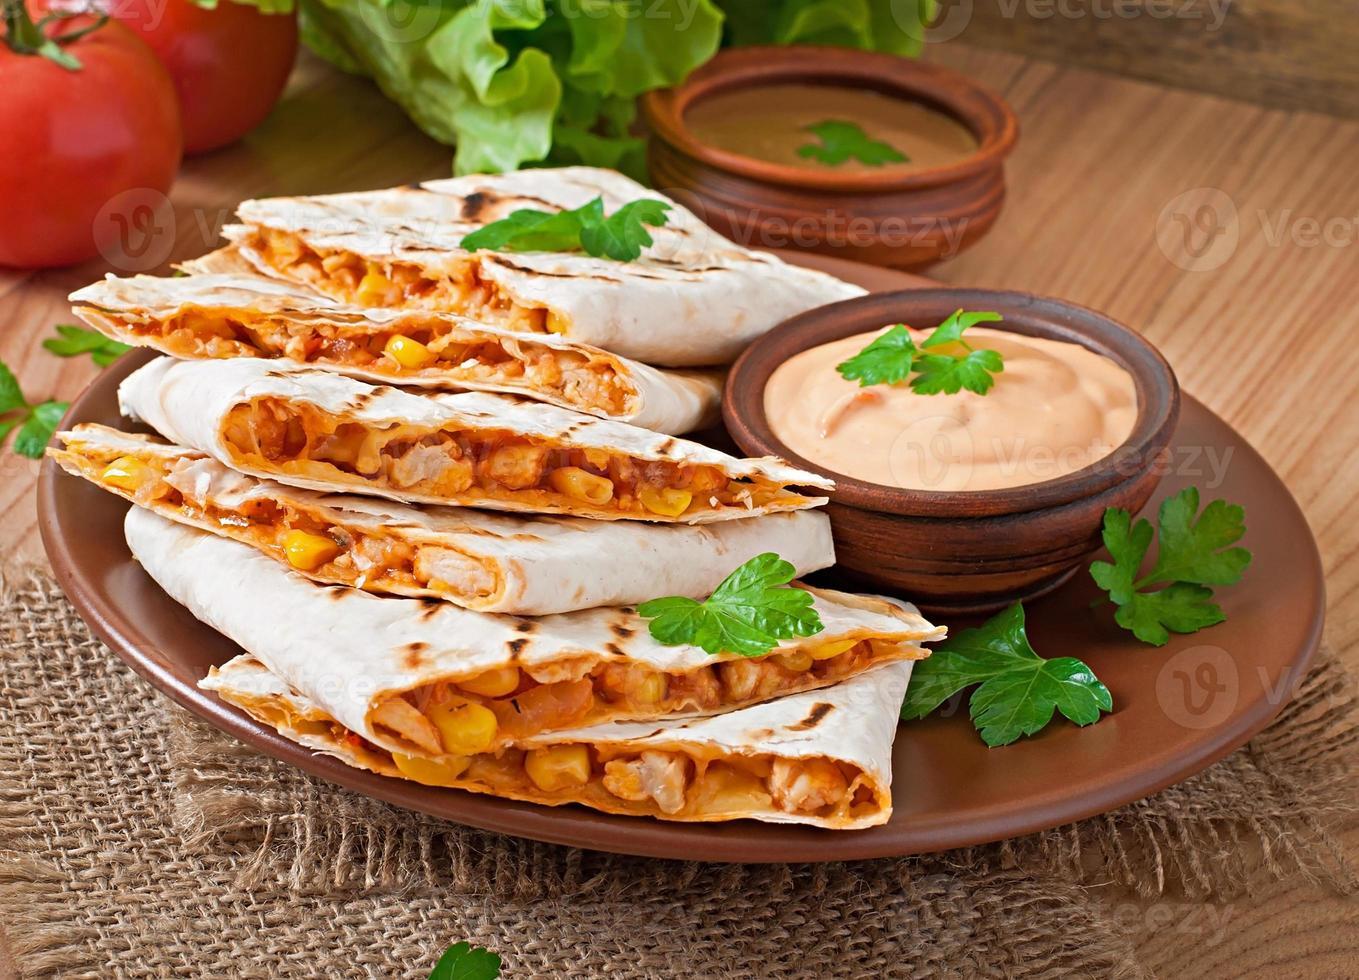 quesadilla mexicano fatiado com legumes e molhos foto